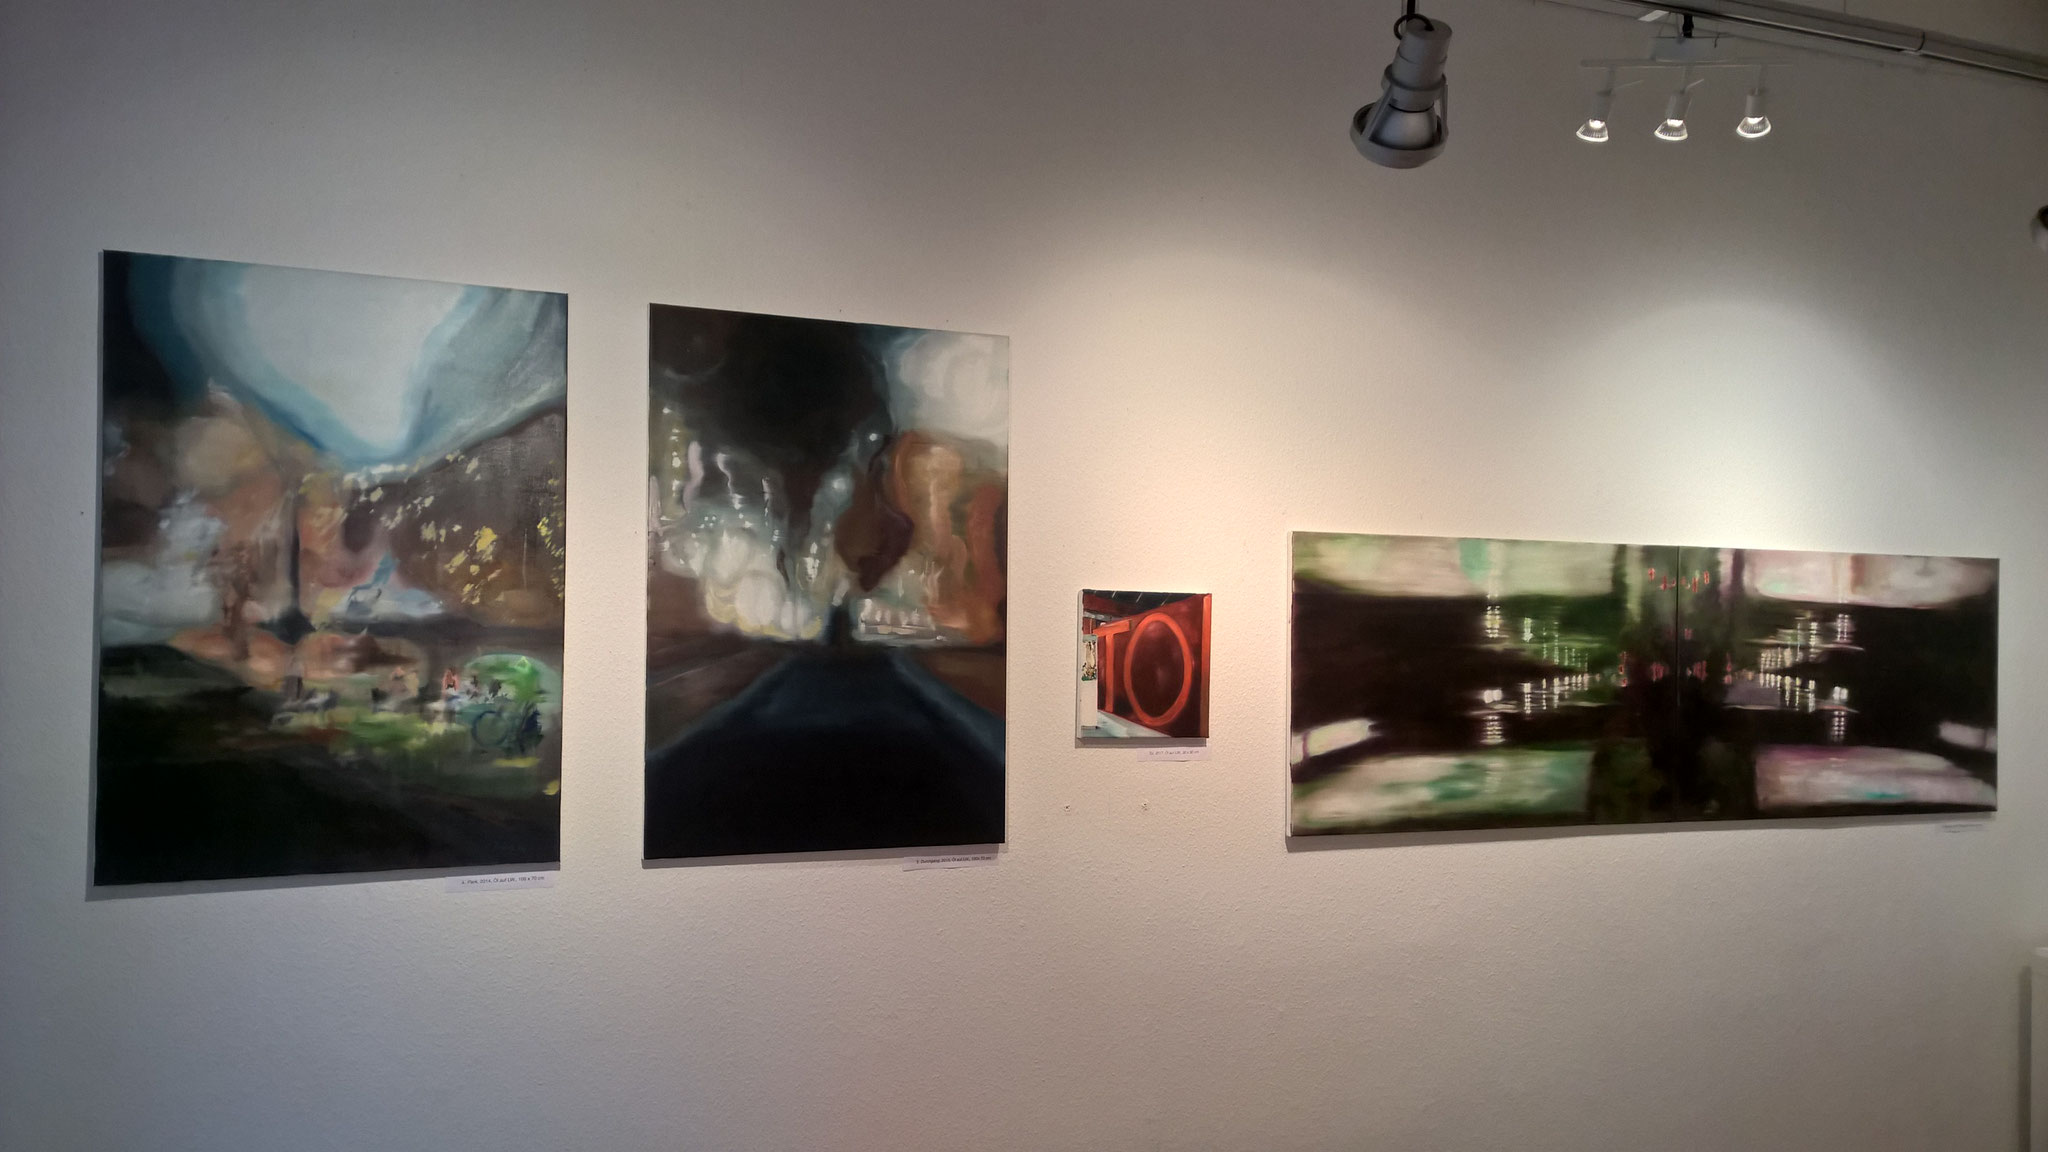 Ausstellungsansicht Galerie Udo Würtenberger, Berlin 2018